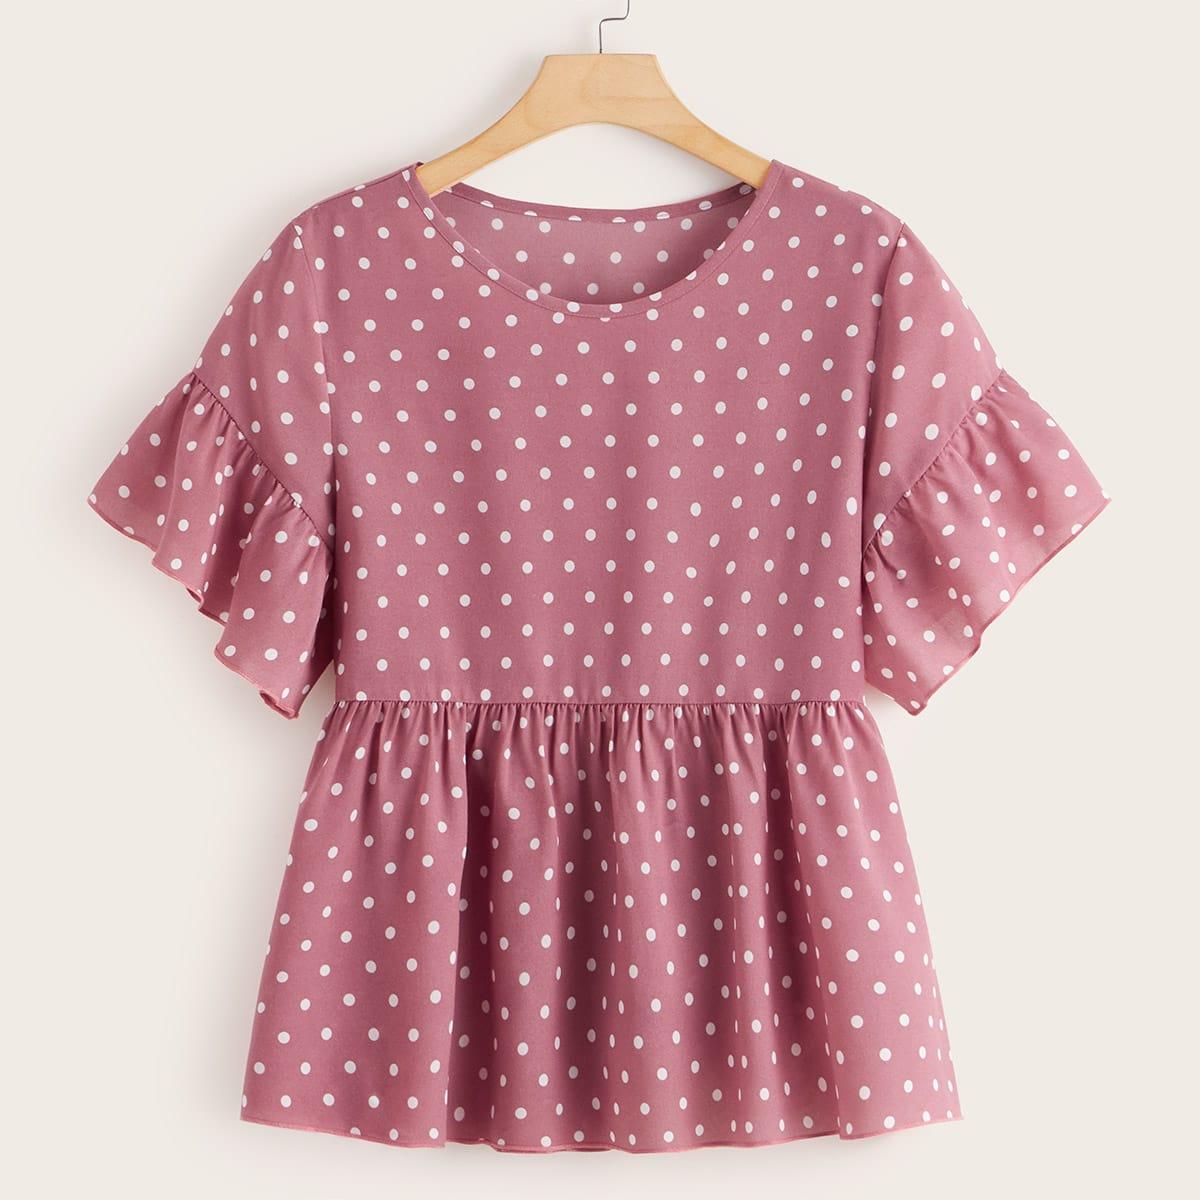 SHEIN / Große Größen - Babydoll Bluse mit Punkten Muster und Schößchenärmeln